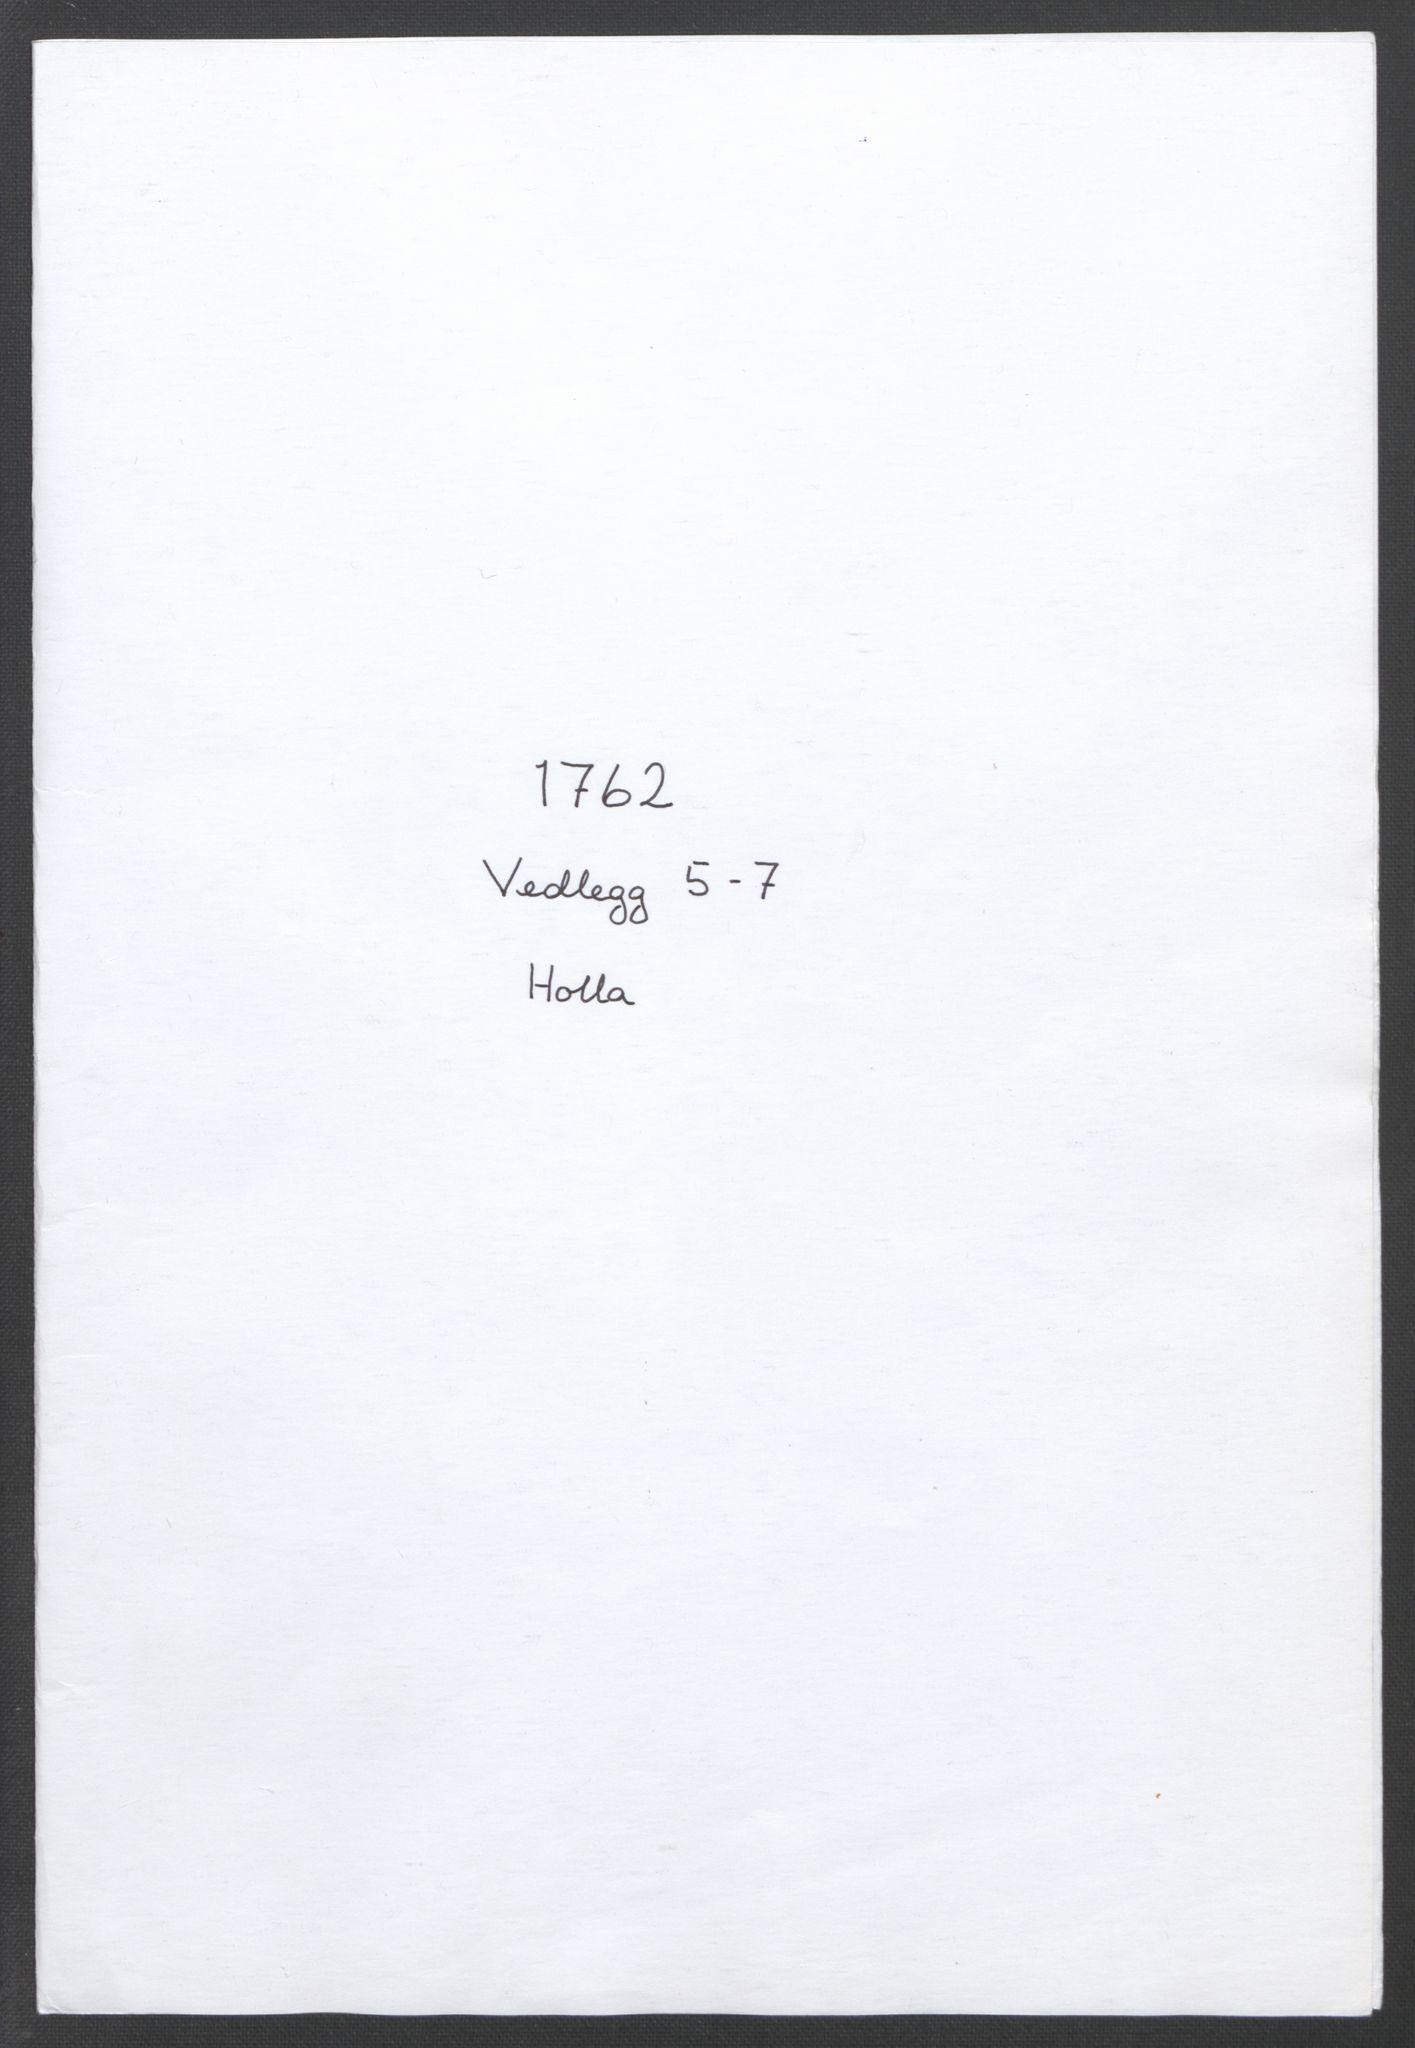 RA, Rentekammeret inntil 1814, Reviderte regnskaper, Fogderegnskap, R37/L2239: Ekstraskatten Nedre Telemark og Bamble, 1762-1763, s. 43